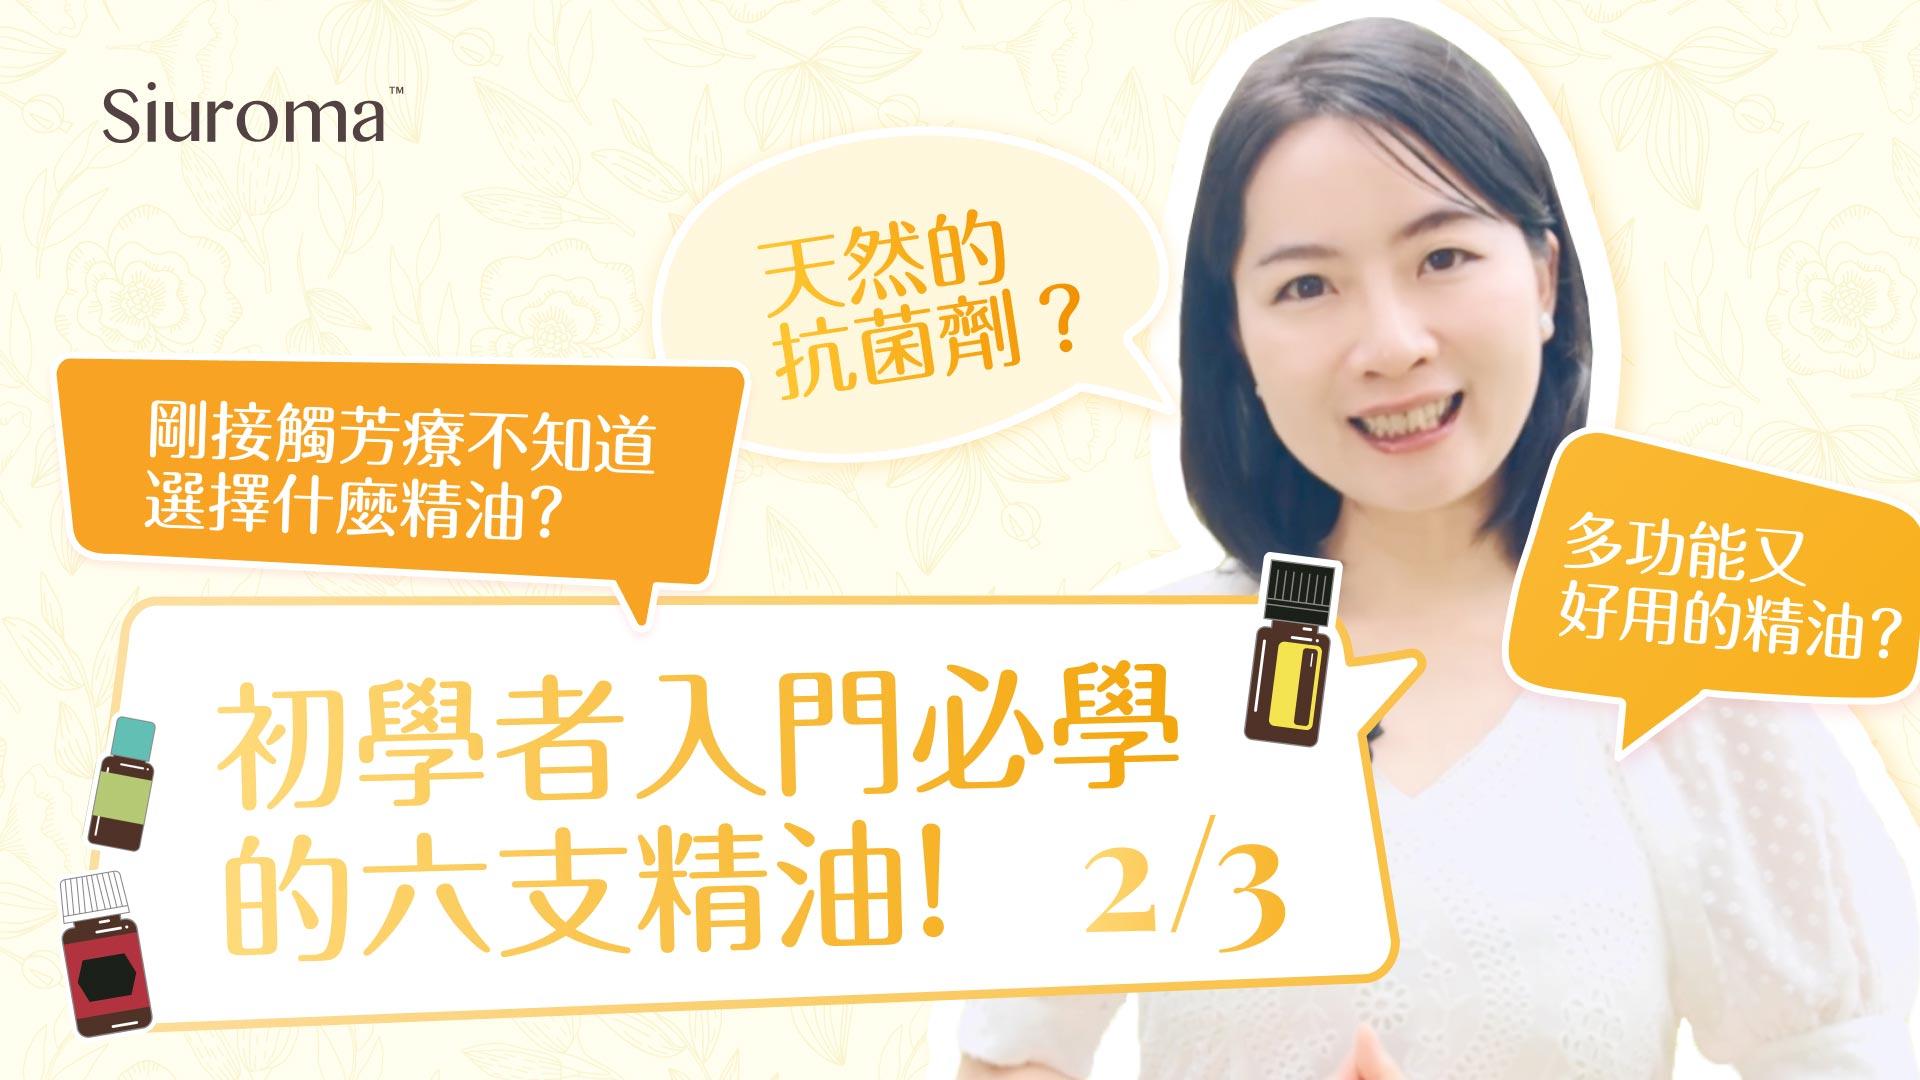 初學者入門必學的六支精油 (2/3) |檸檬精油和茶樹精油